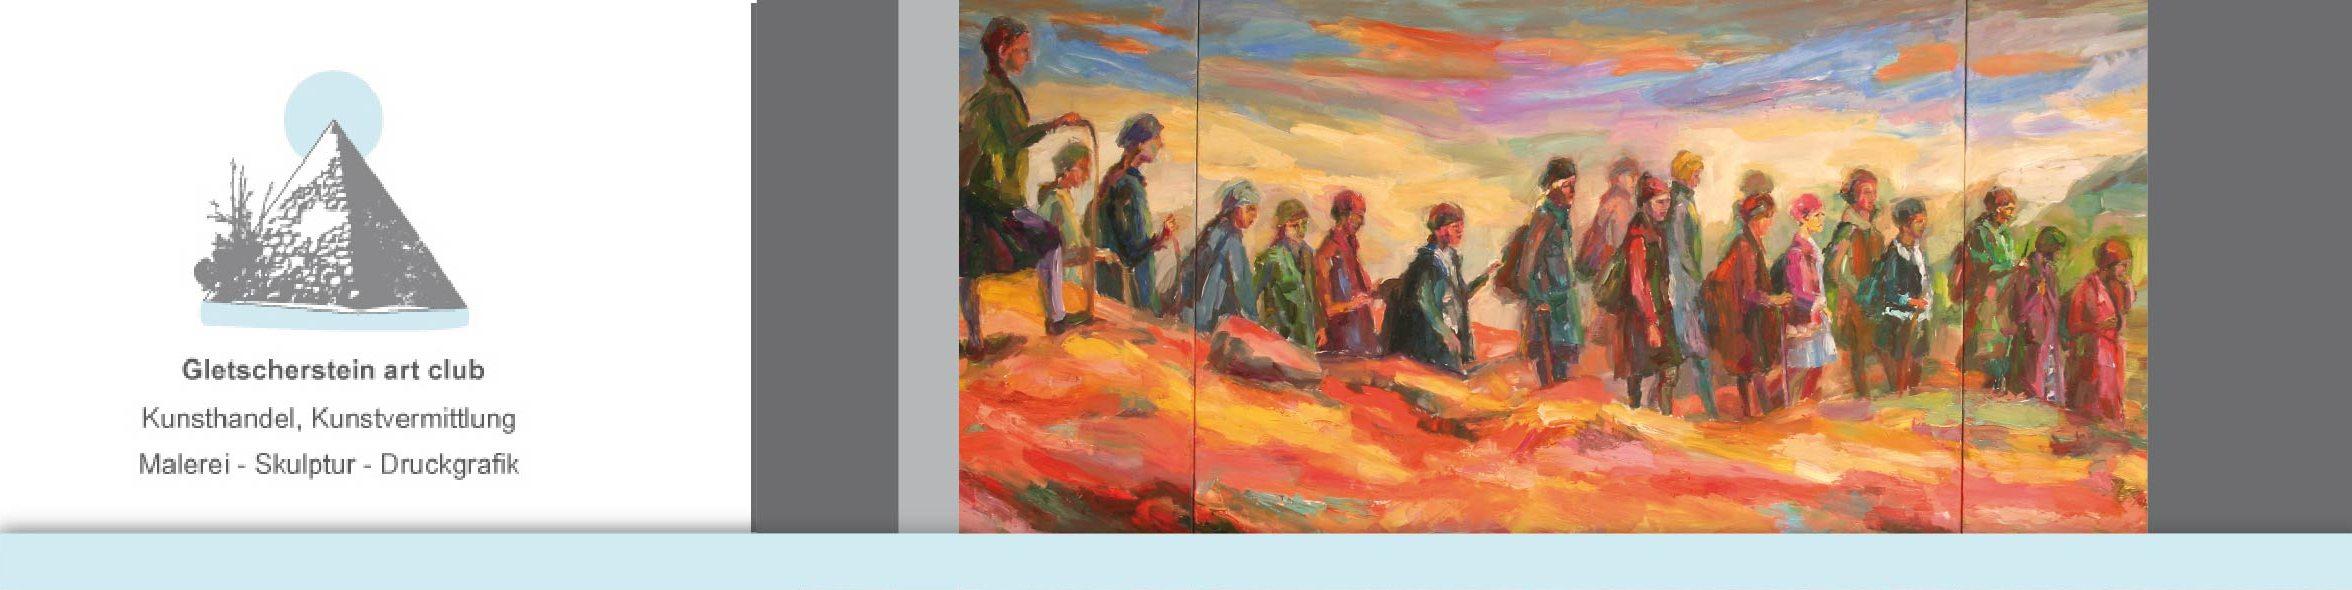 """""""Wie im Himmel"""" Kinder der Vergangenheit - Triptychon, 2012, 140 x 380cm von Mandy Friedrich"""